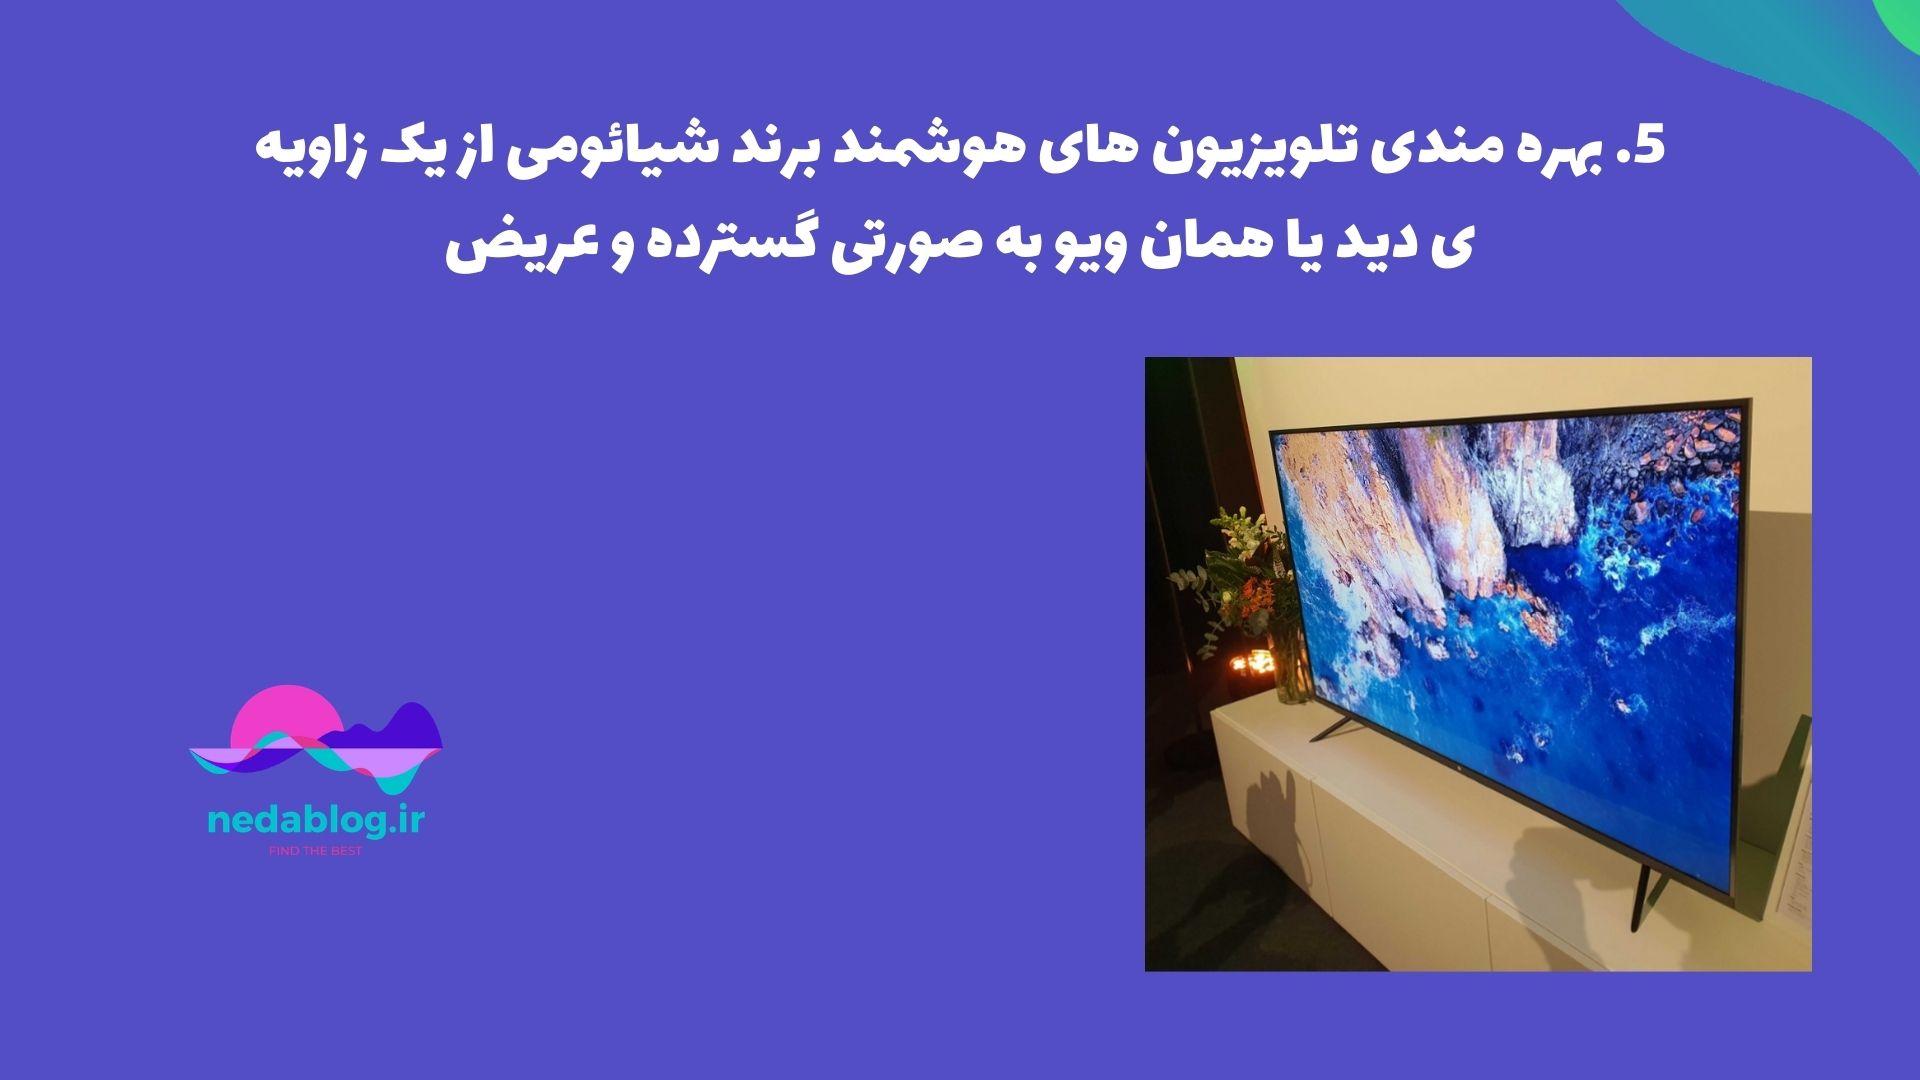 بهره مندی تلویزیون های هوشمند برند شیائومی از یک زاویه ی دید یا همان ویو به صورتی گسترده و عریض